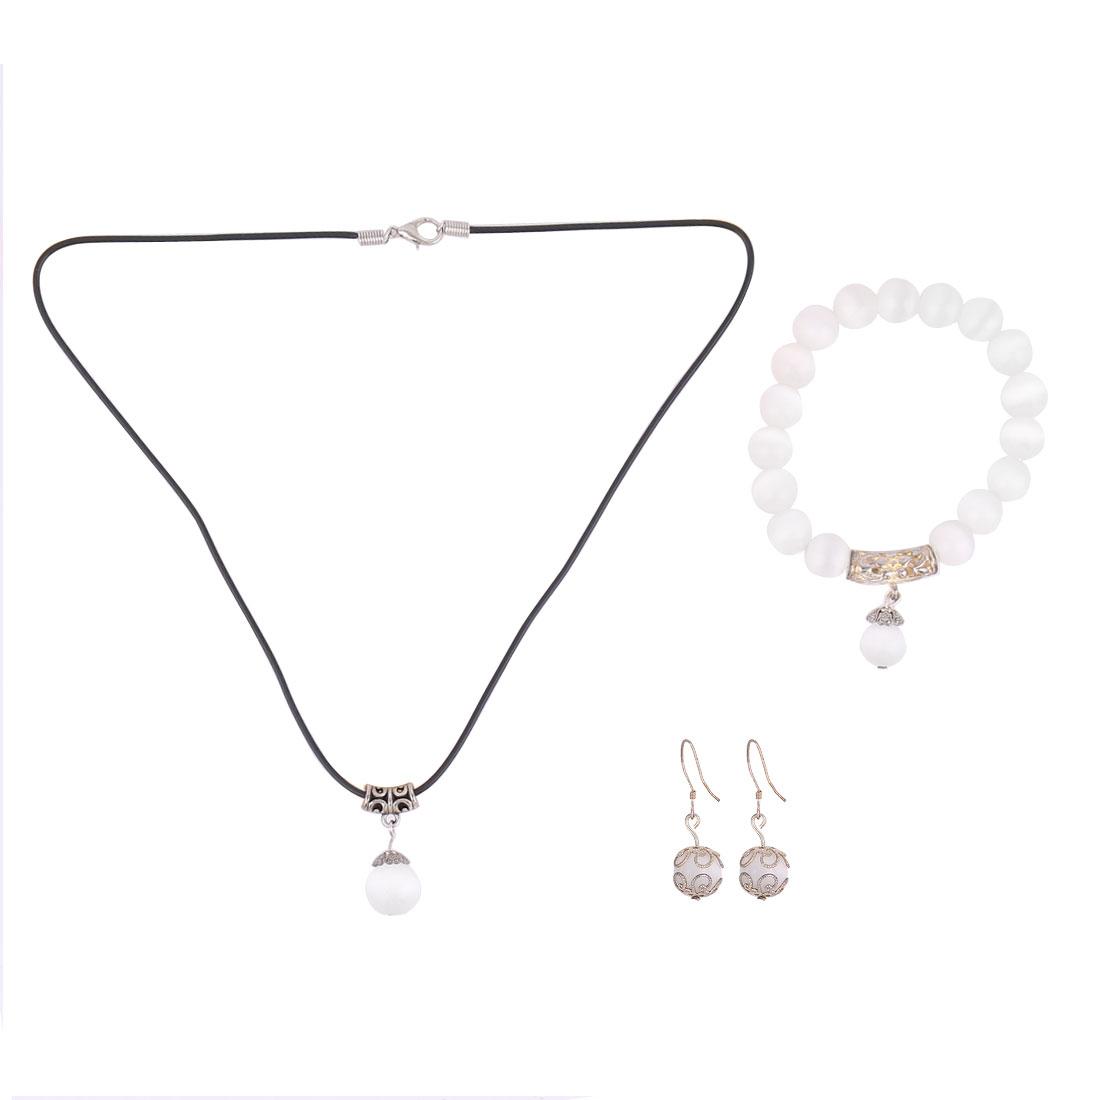 Women Plastic Beads Design Necklace Bracelet Bangle Hook Earrings Set 3 in 1 White